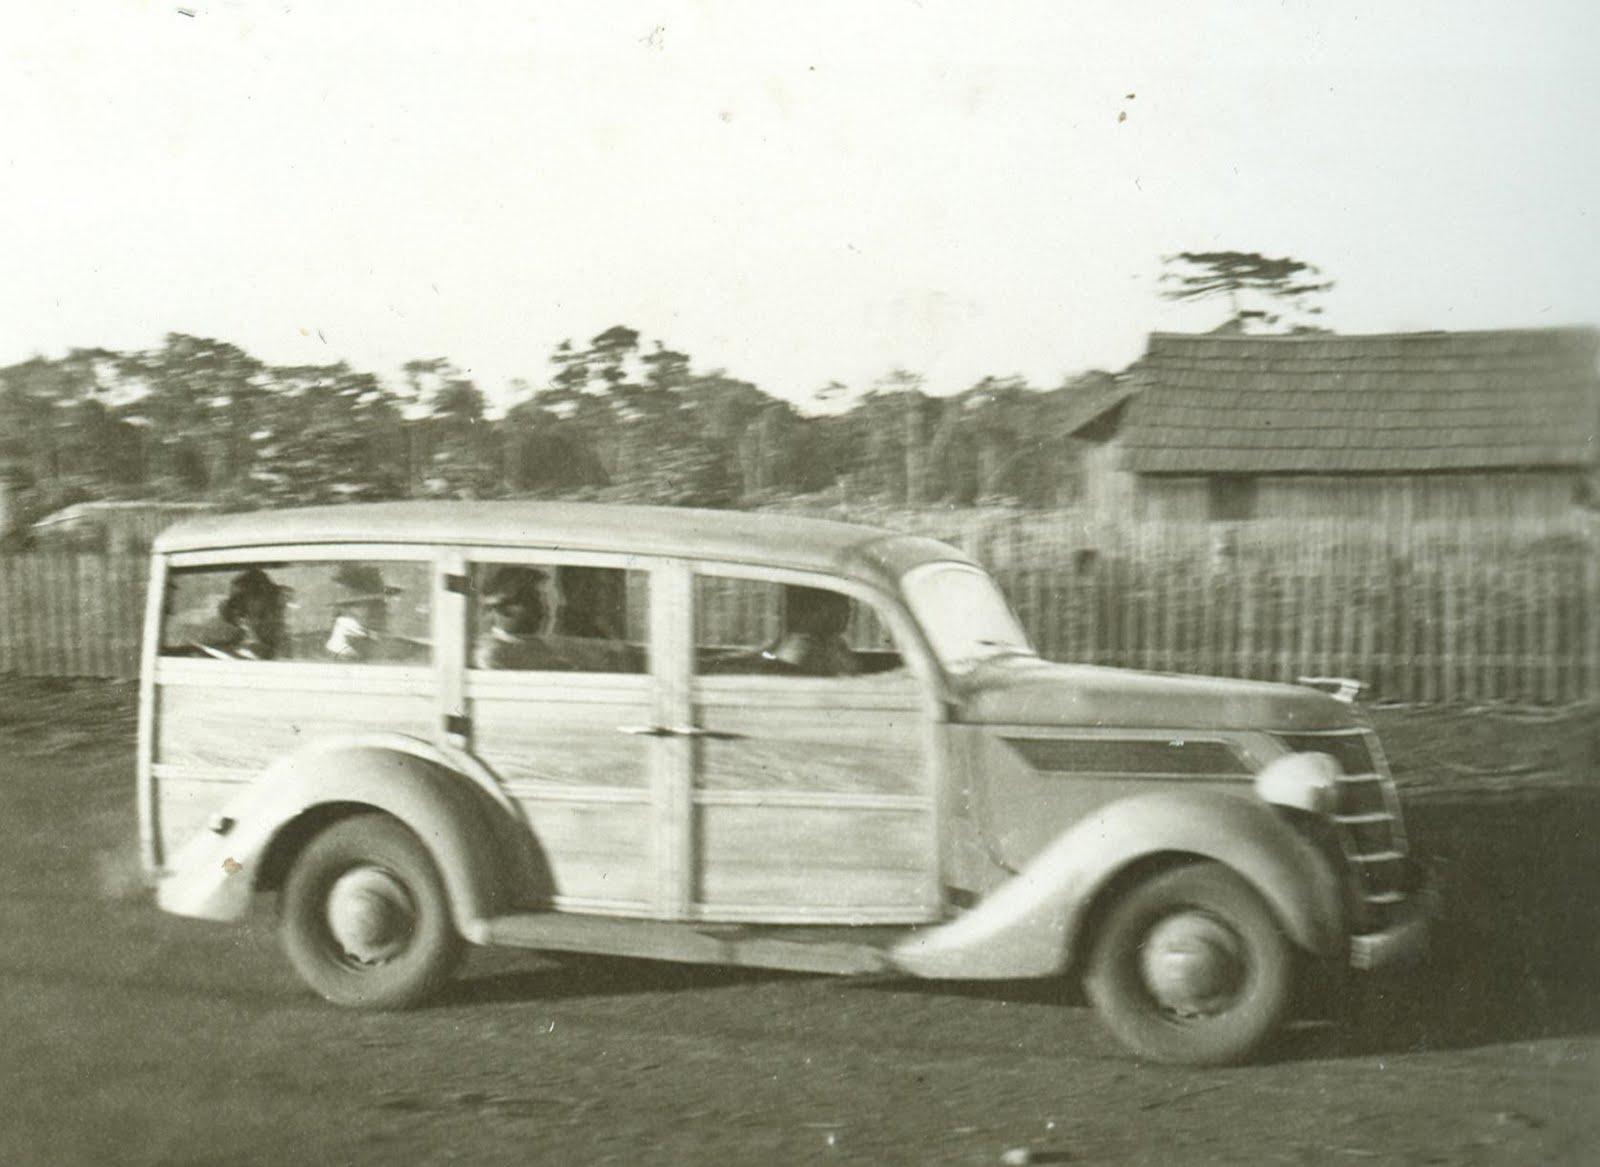 Veículo de Transporte Coletivo - Década de 1940/1950